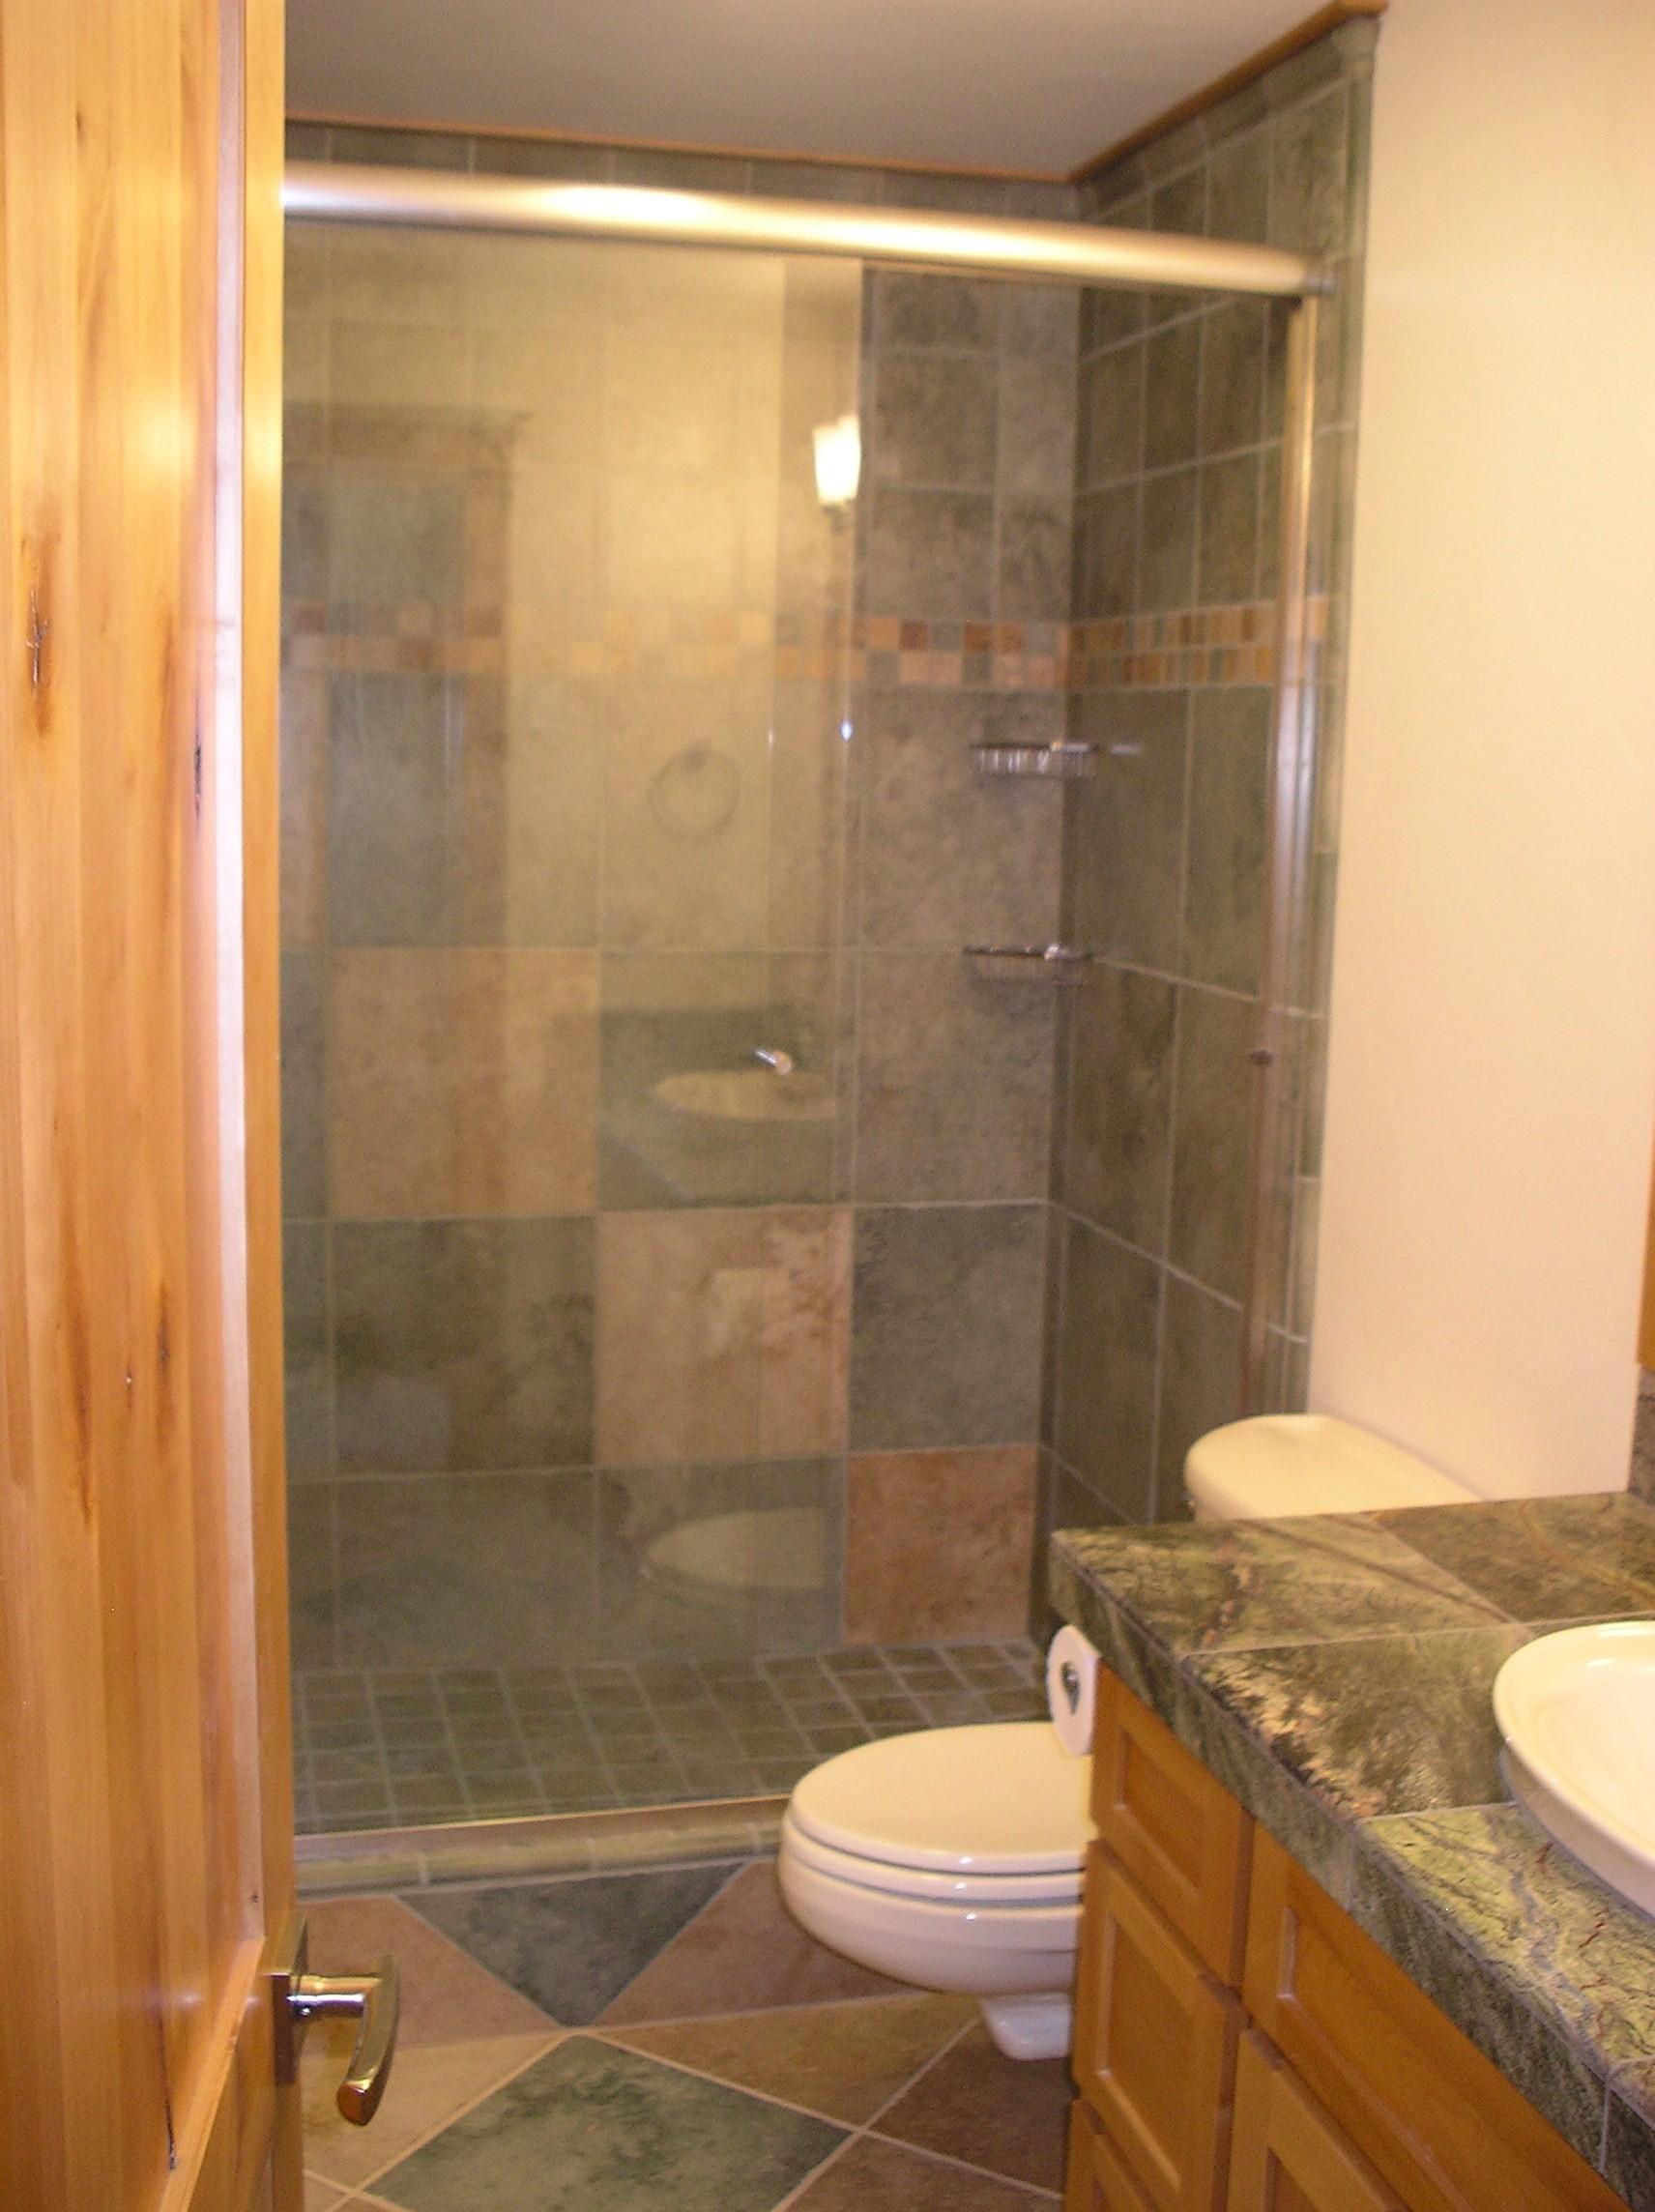 Etonnant Small Bathroom Remodel Cost Wonderful Design Your Small Bathroom Remodel  Cost Ideas Photo